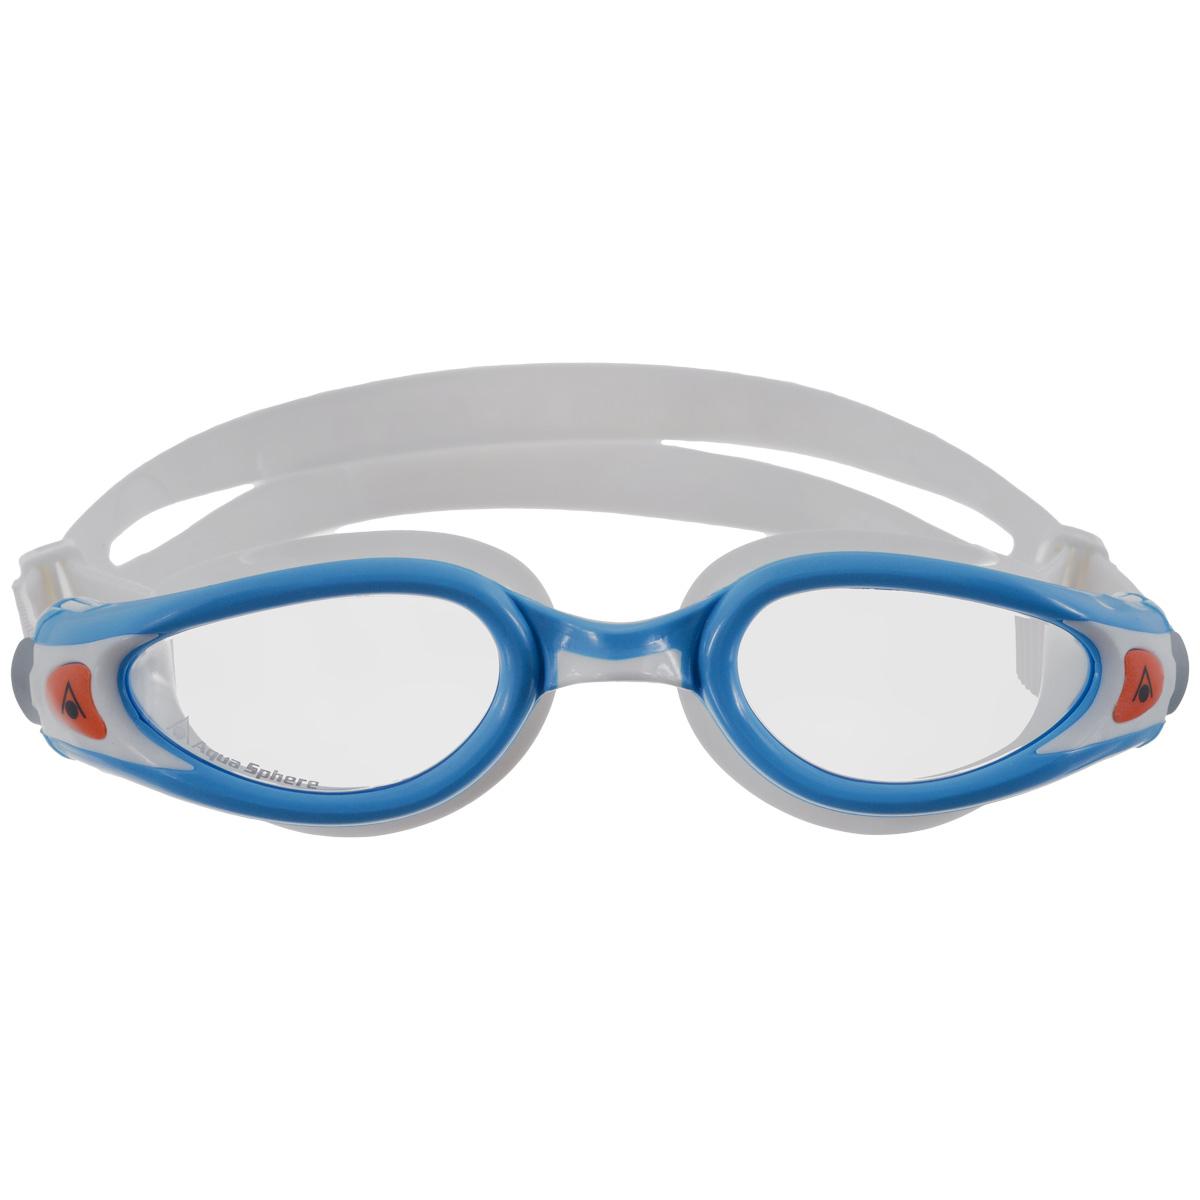 Очки для плавания Aqua Sphere Kaiman Exo Junior, цвет: голубой, белыйTN 175800Легкие детские очки Aqua Sphere Kaiman Exo (вес всего 34 грамма) идеально подходят для плавания в бассейне или открытой воде. Особая технология изогнутых линз позволяет обеспечить превосходный обзор в 180°, не искажая при этом изображение. Очки дают 100% защиту от ультрафиолетового излучения. Специальное покрытие препятствует запотеванию стекол. Новая технология каркаса EXO-core bi-material обеспечивает максимальную стабильность и комфорт. Подростковая обновленная версия популярных очков Aqua Sphere Kaiman сохраняет все лучшее от взрослой модели. Эластичная саморегулирующаяся переносица. Комфорт и долговечность. Низкопрофильный дизайн. Материал: софтерил, plexisol.